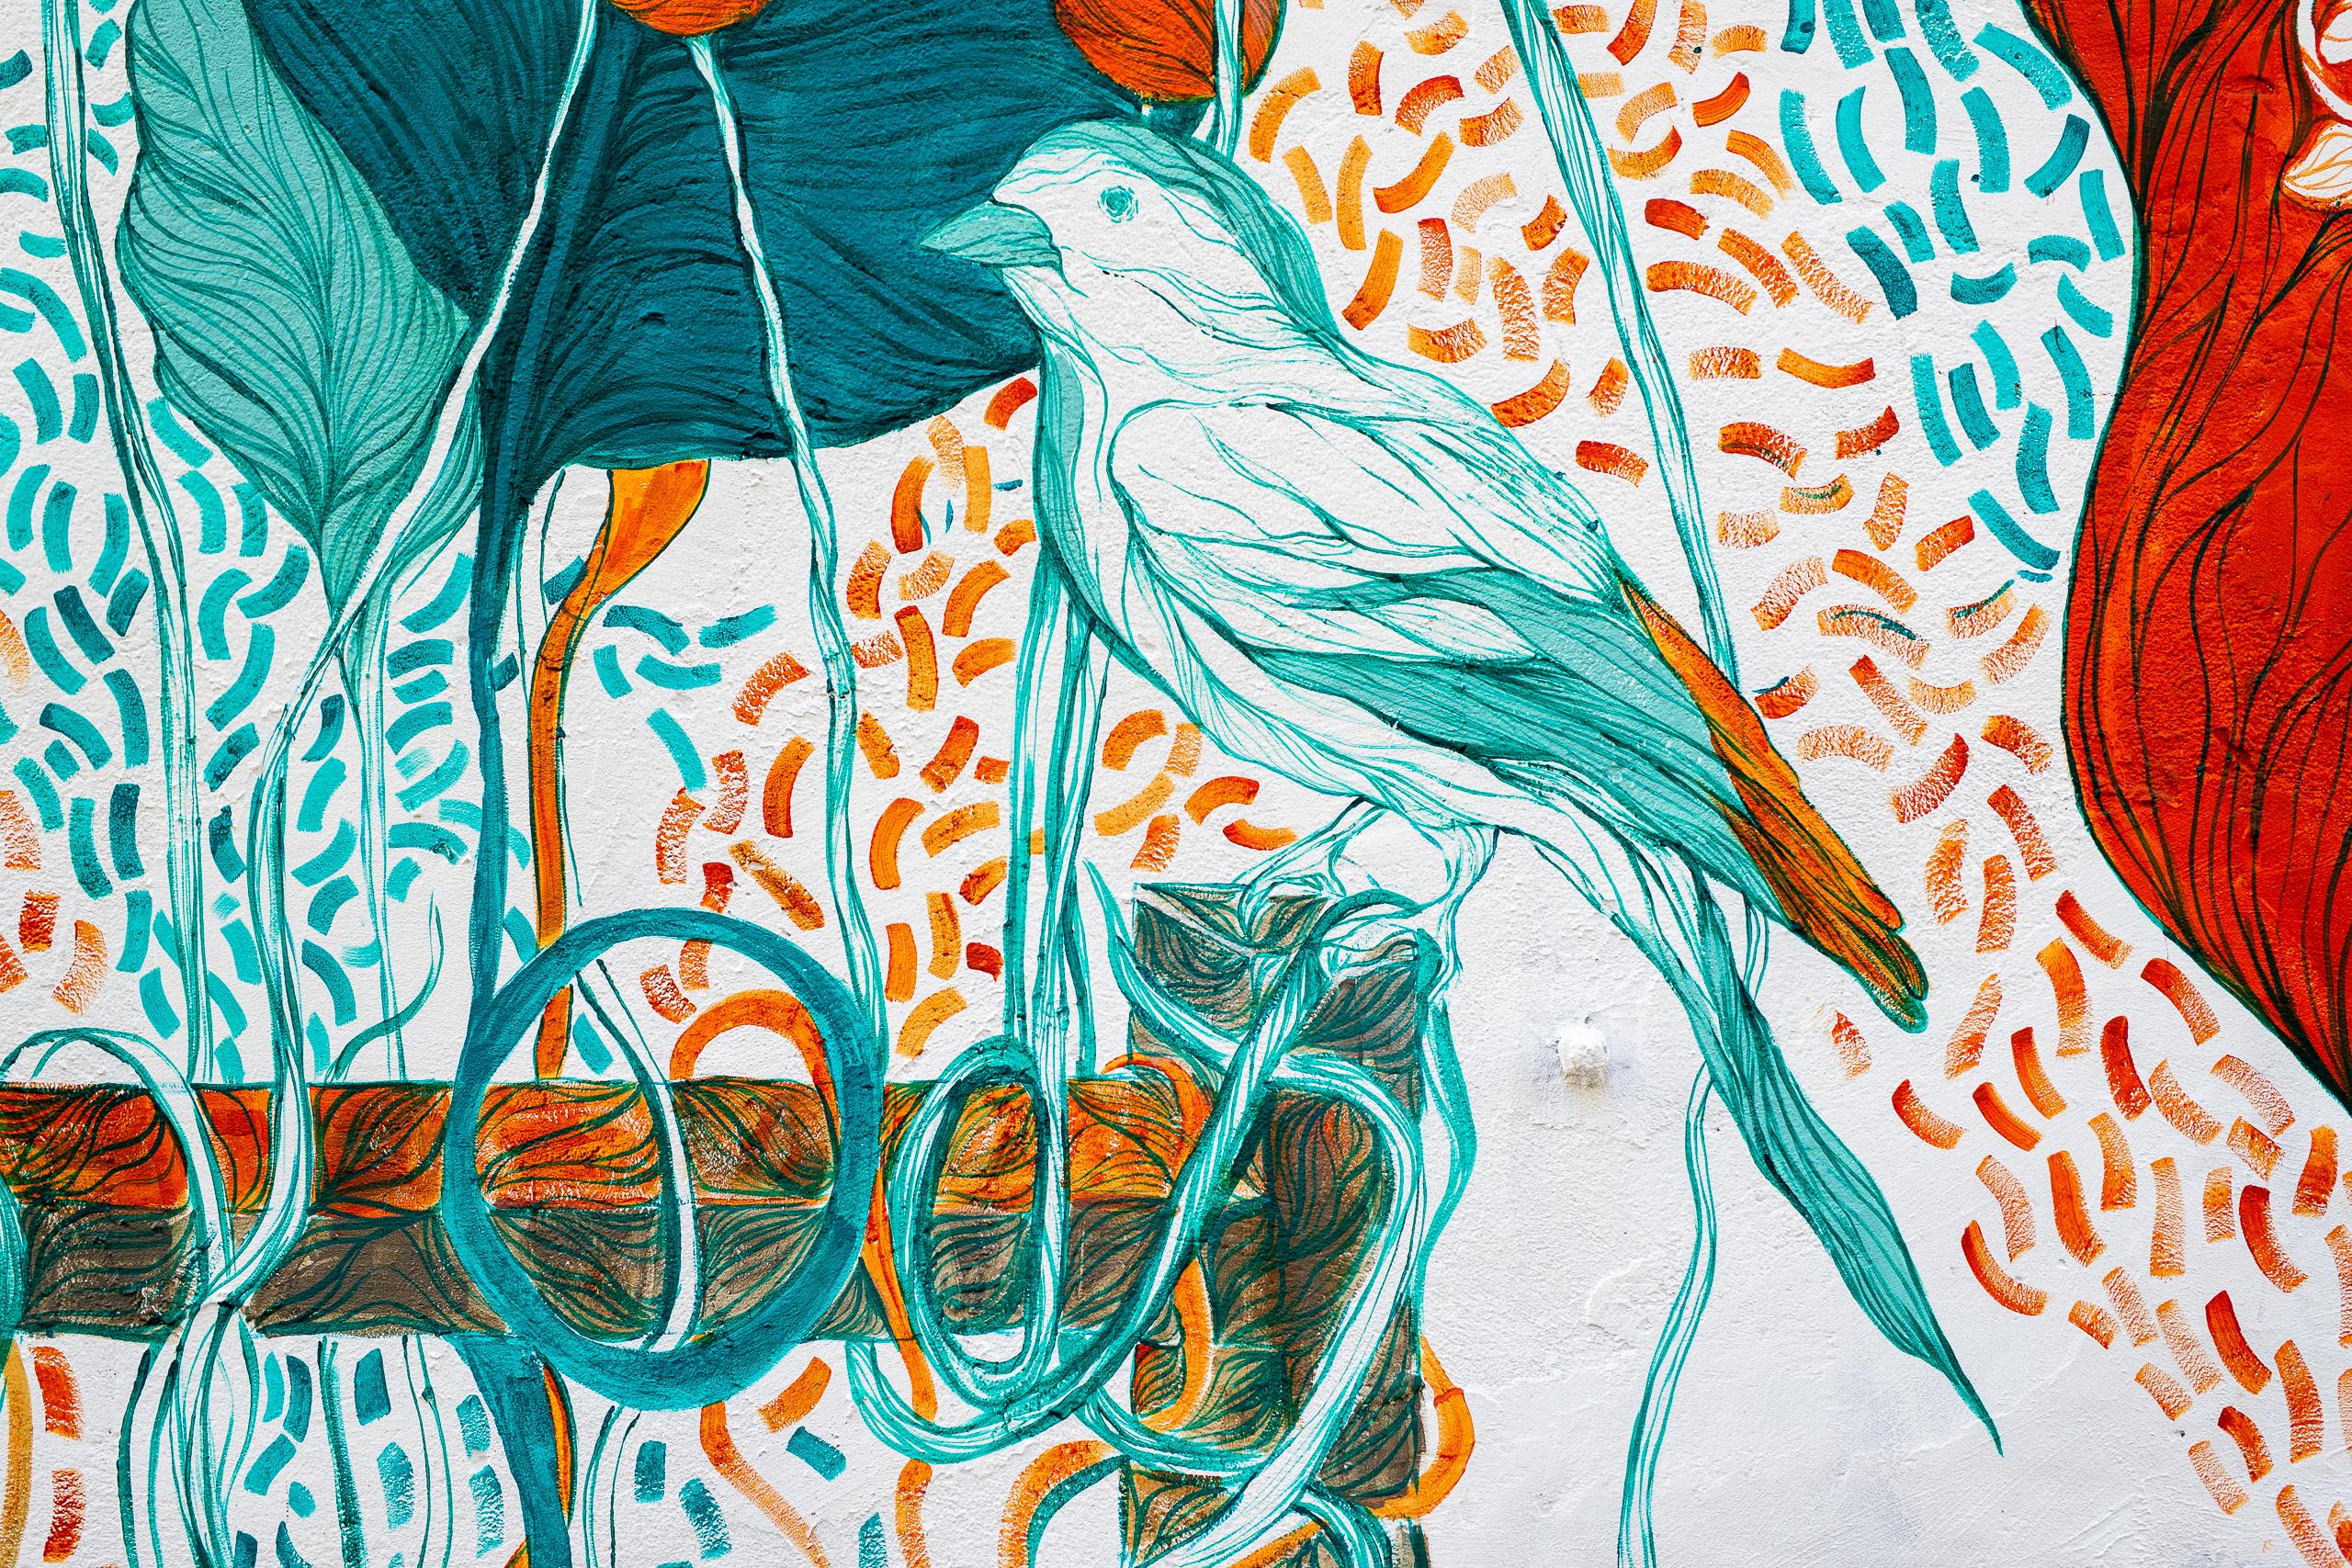 фестиваль Стенограффия, фестивали Урала, Стенограффия-2020, Екатеринбург, Свердловская область